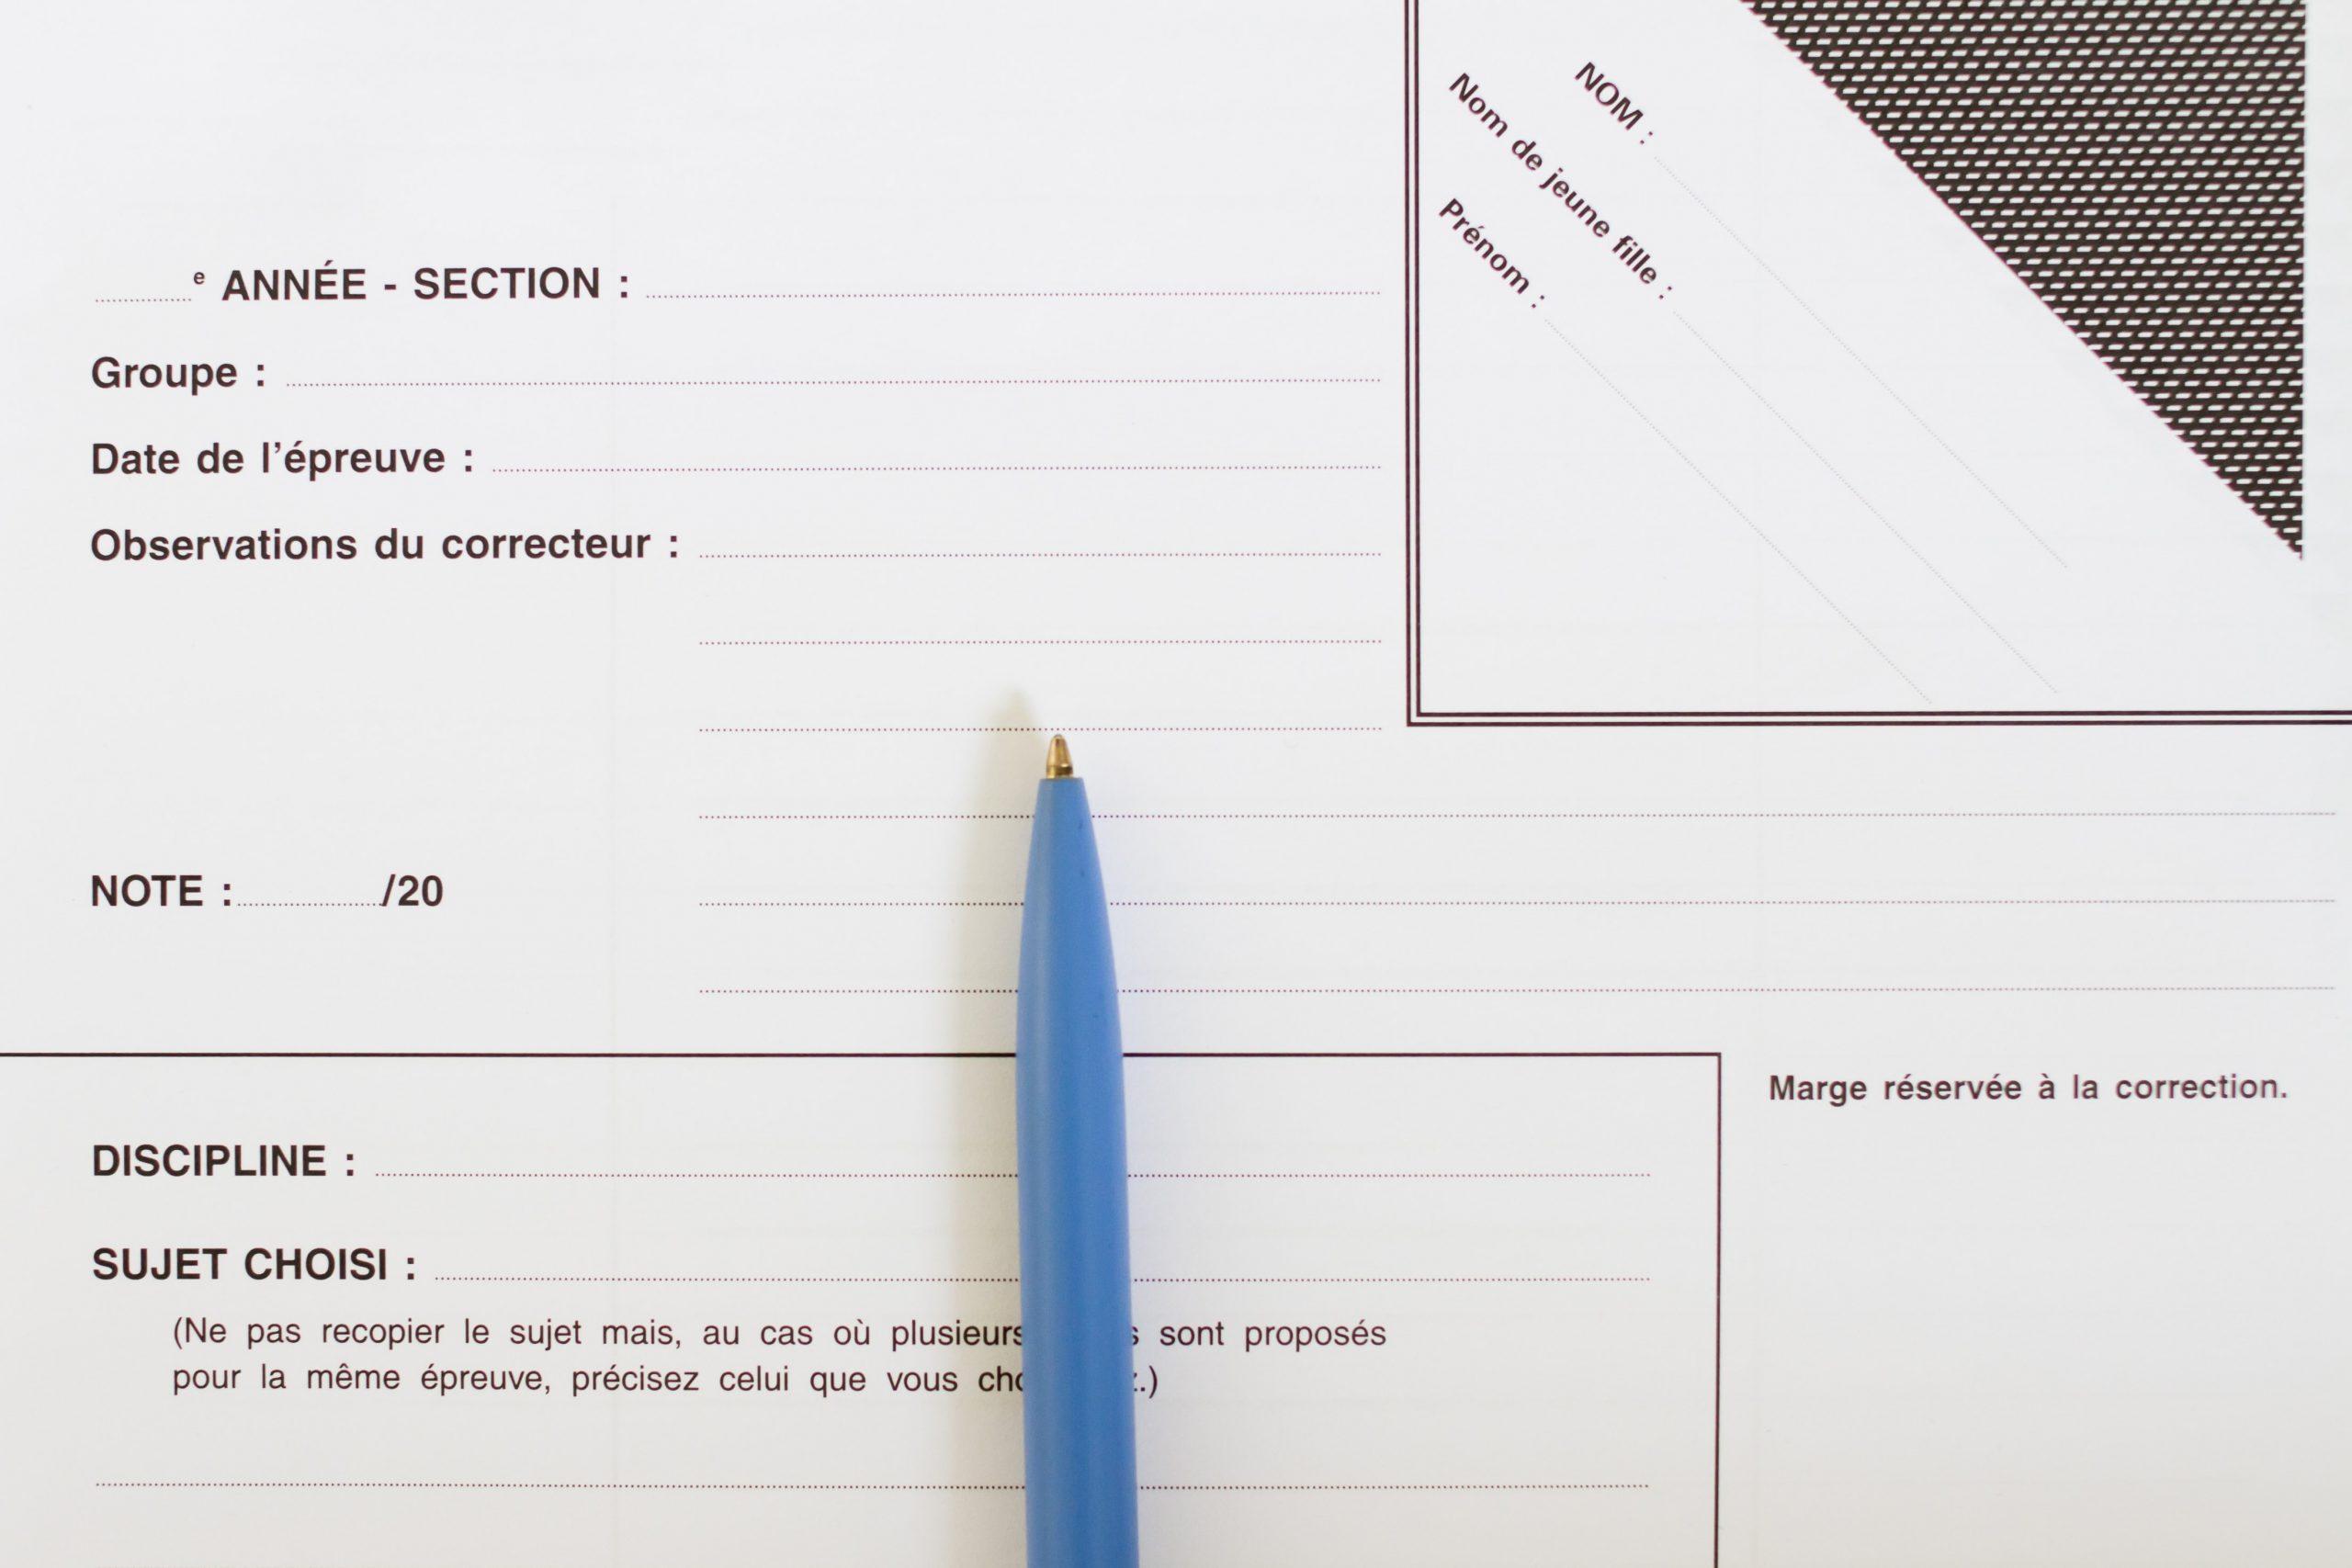 Brevet De Francais 2021 Le Guide Pour Le Reussir Ton Epreuve